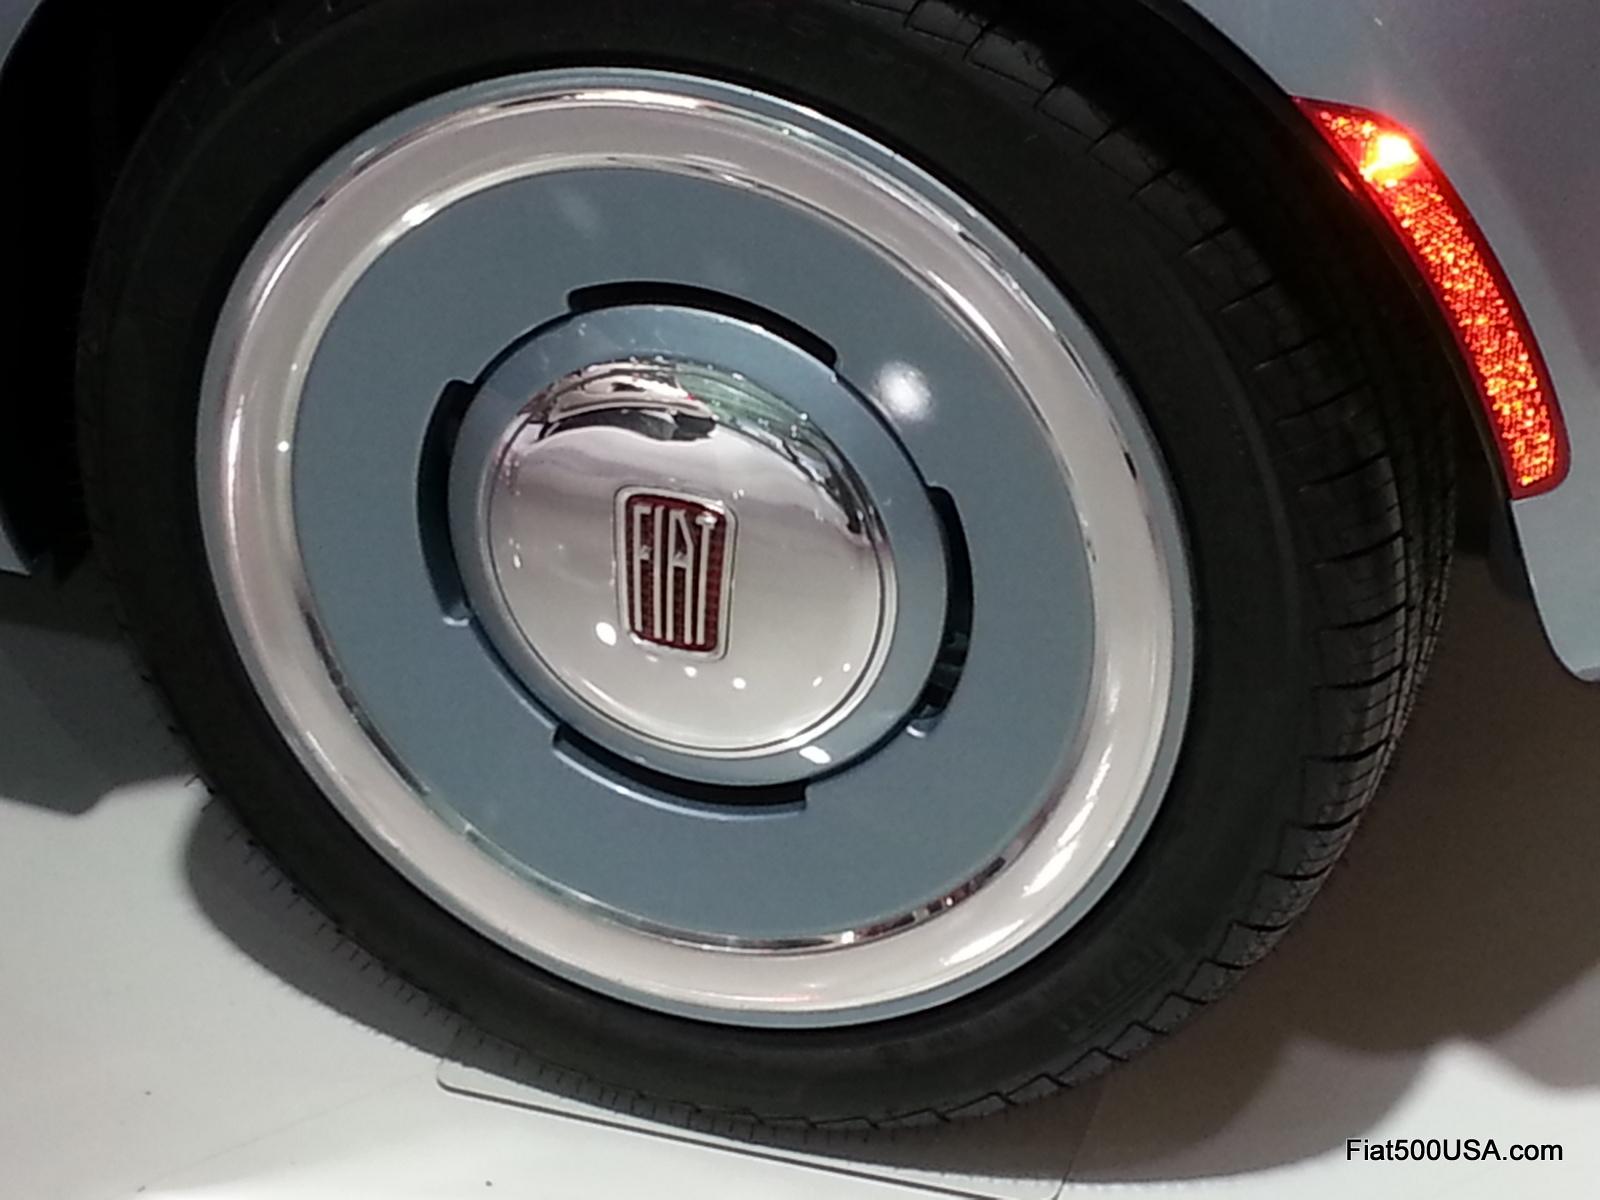 fiat 500mopar at the detroit auto show   fiat 500 usa